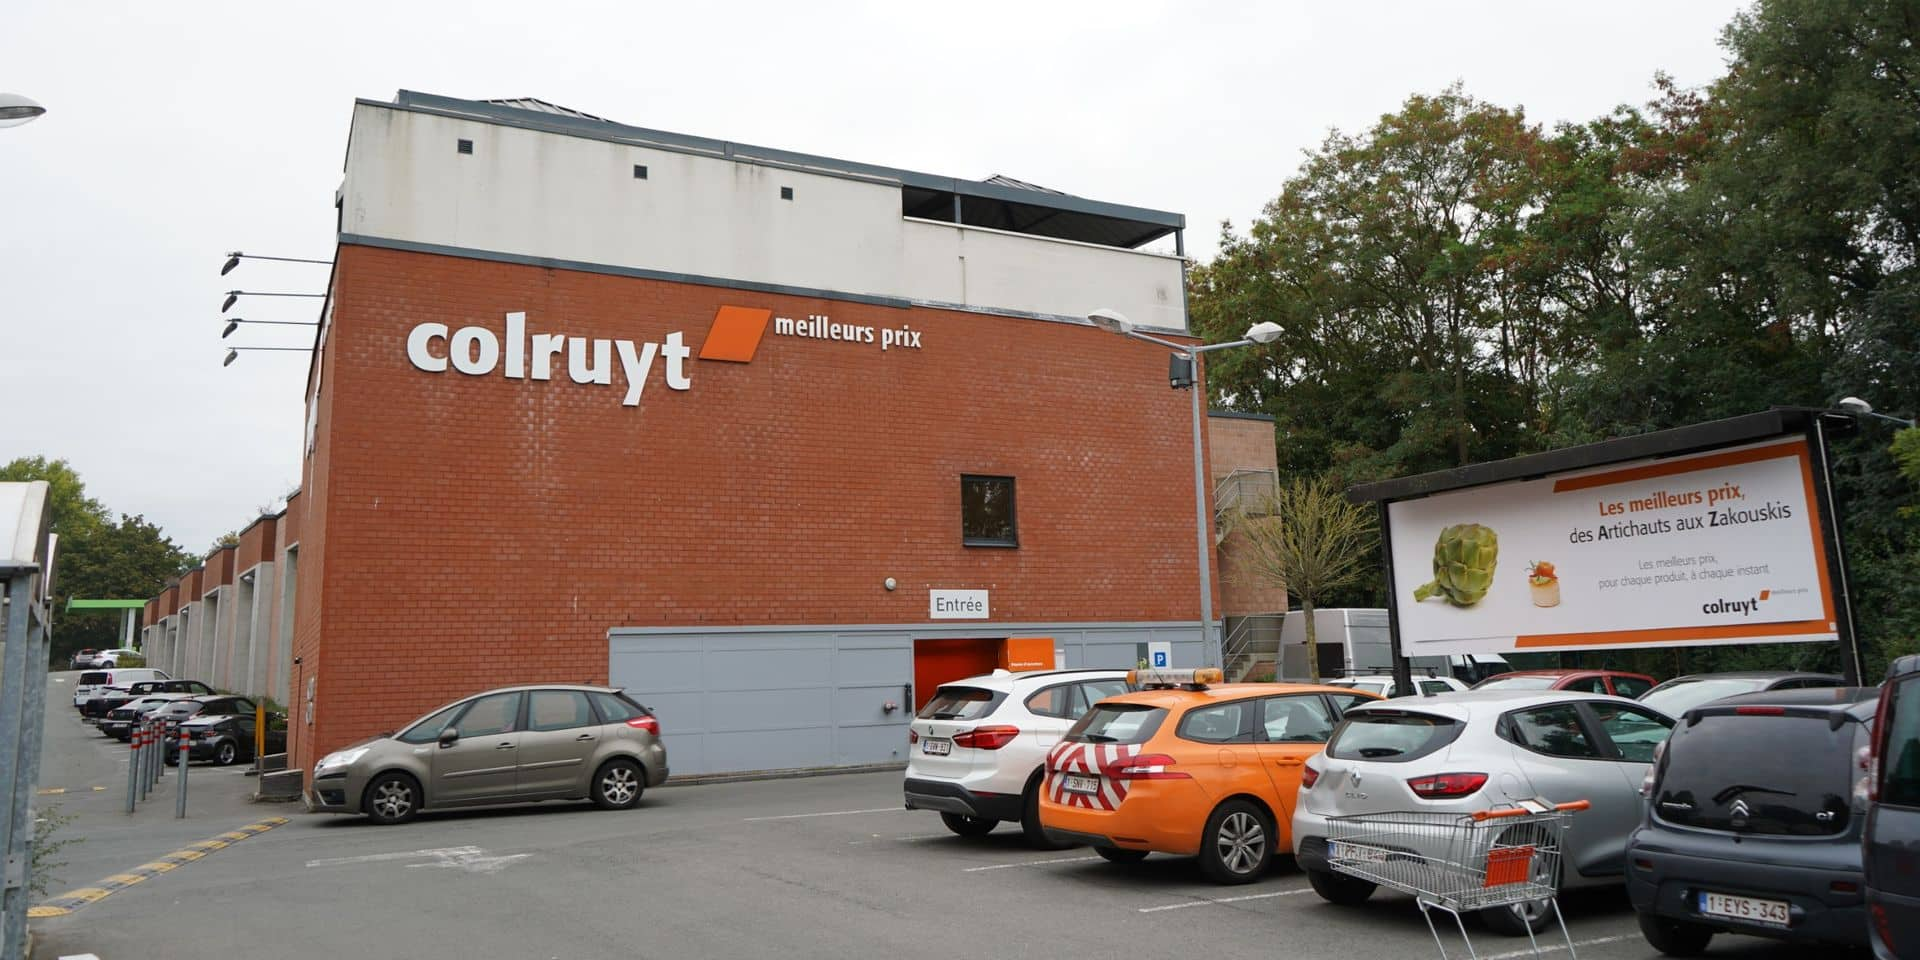 Le Colruyt de Nivelles braqué ce jeudi matin, les employés ont tenu à rouvrir le magasin